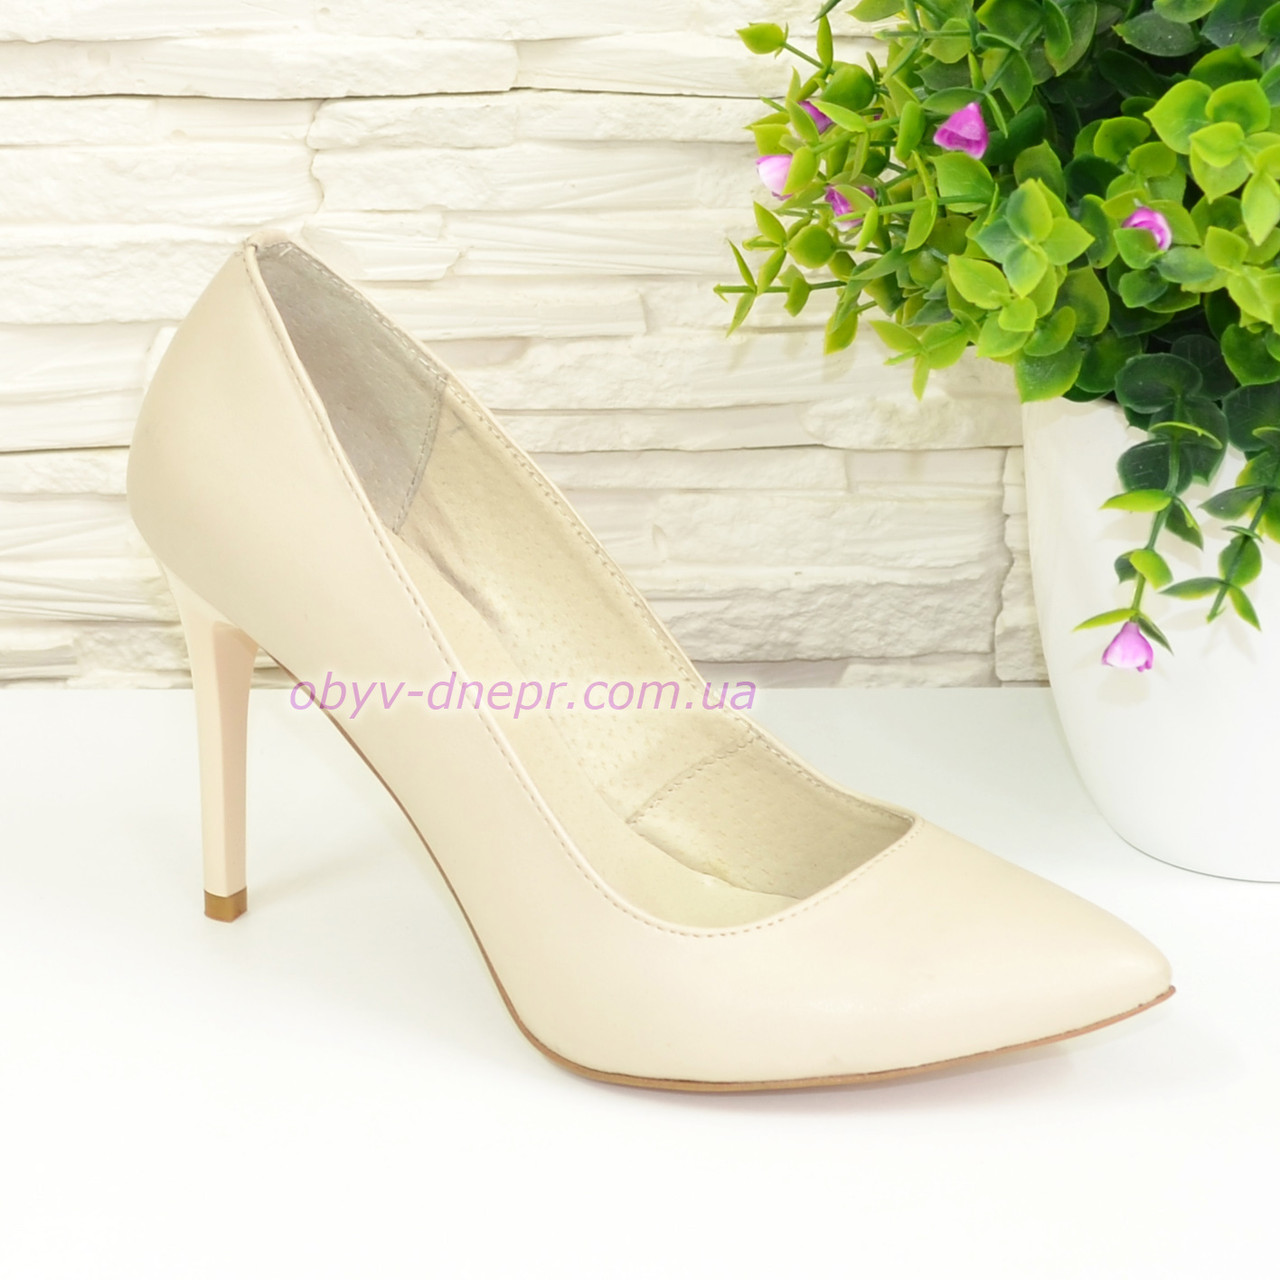 Туфли женские кожаные на шпильке, бежевый цвет